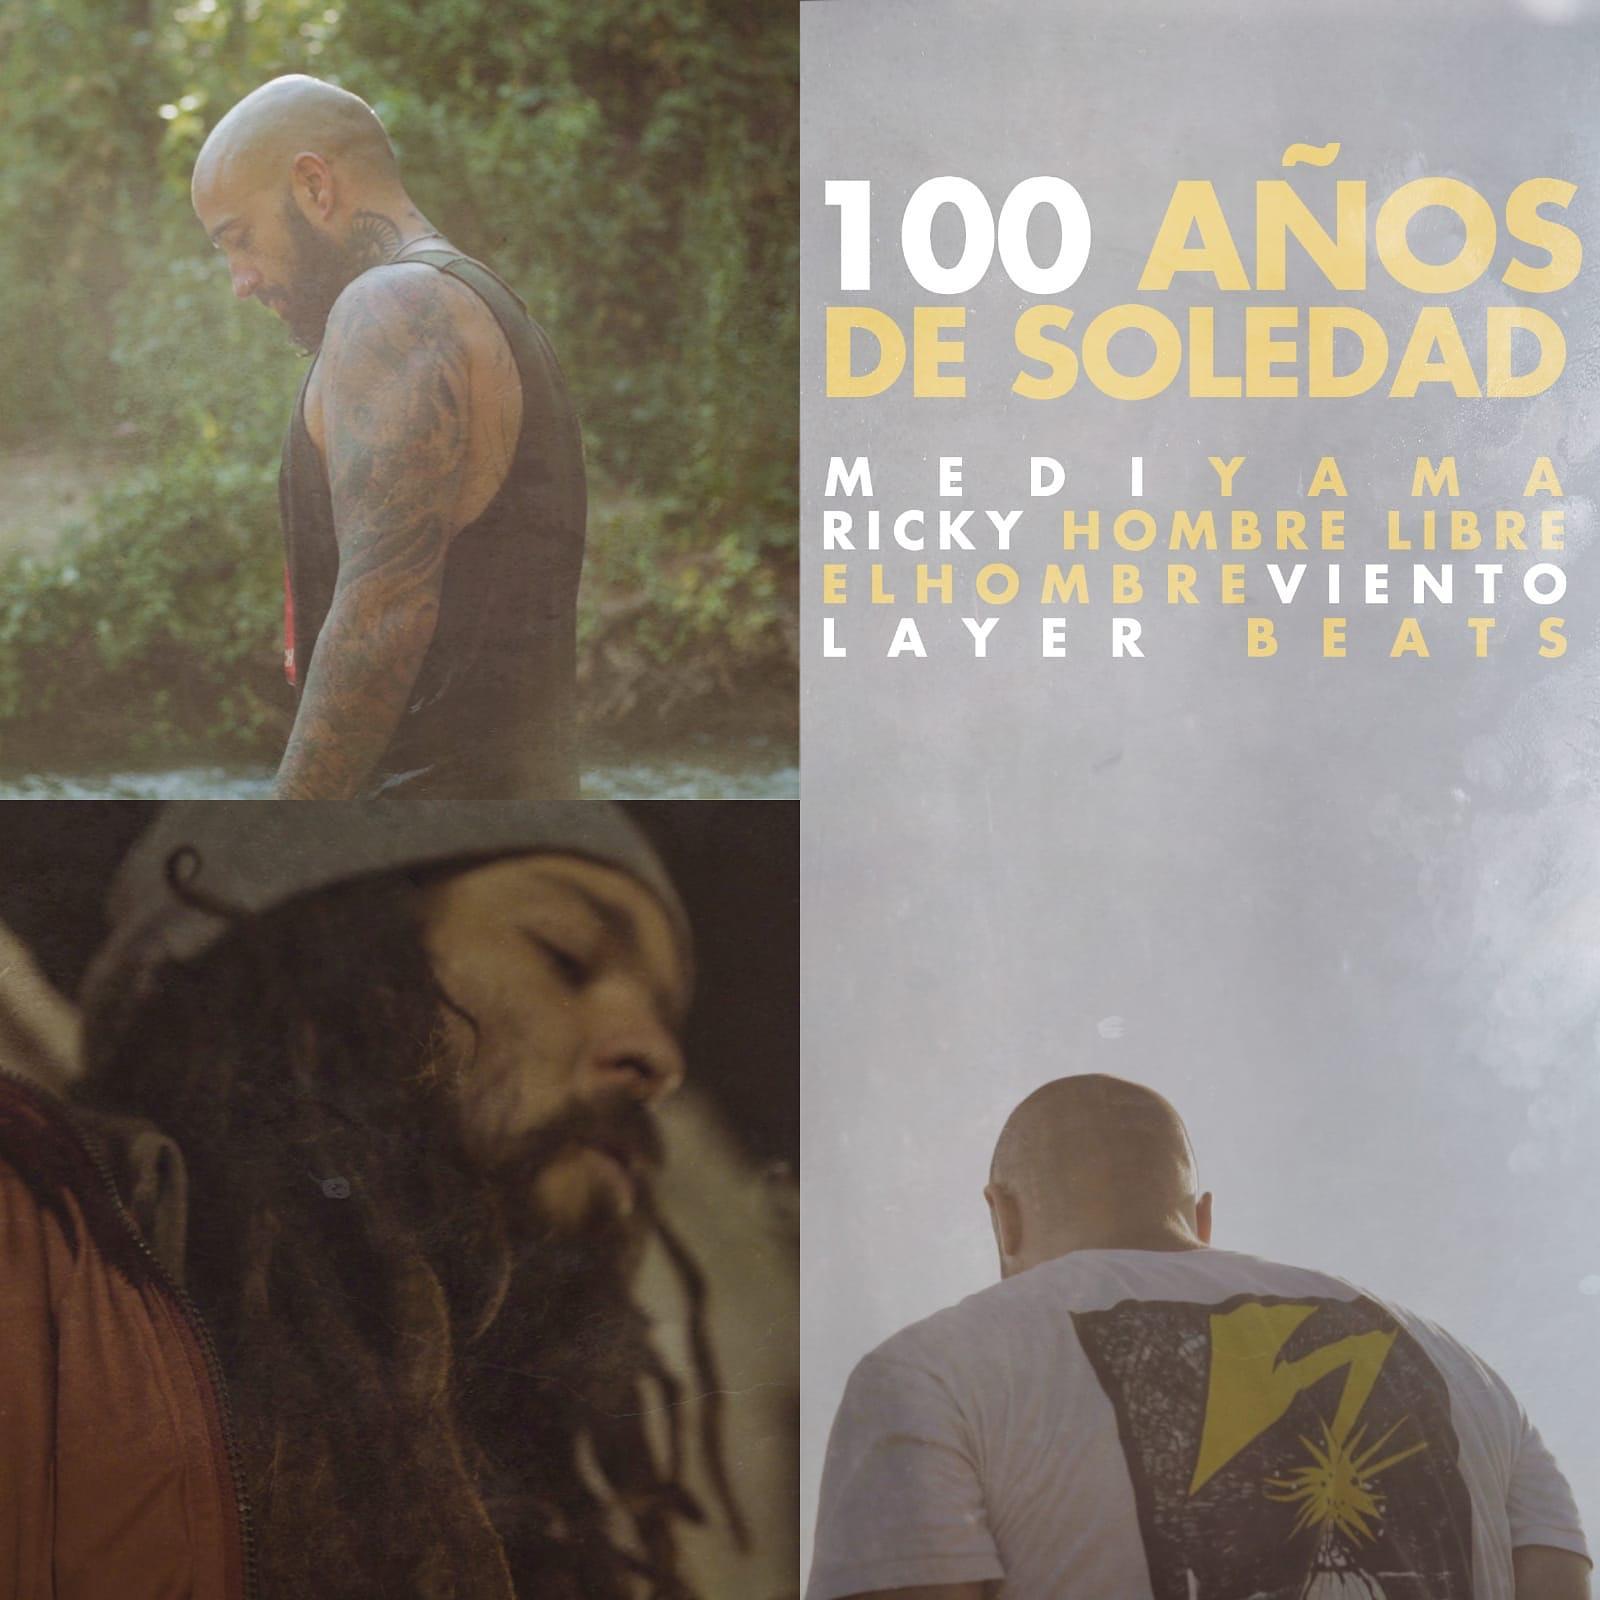 Mediyama Ft Ricky Hombre Libre y El Hombreviento – 100 años de soledad